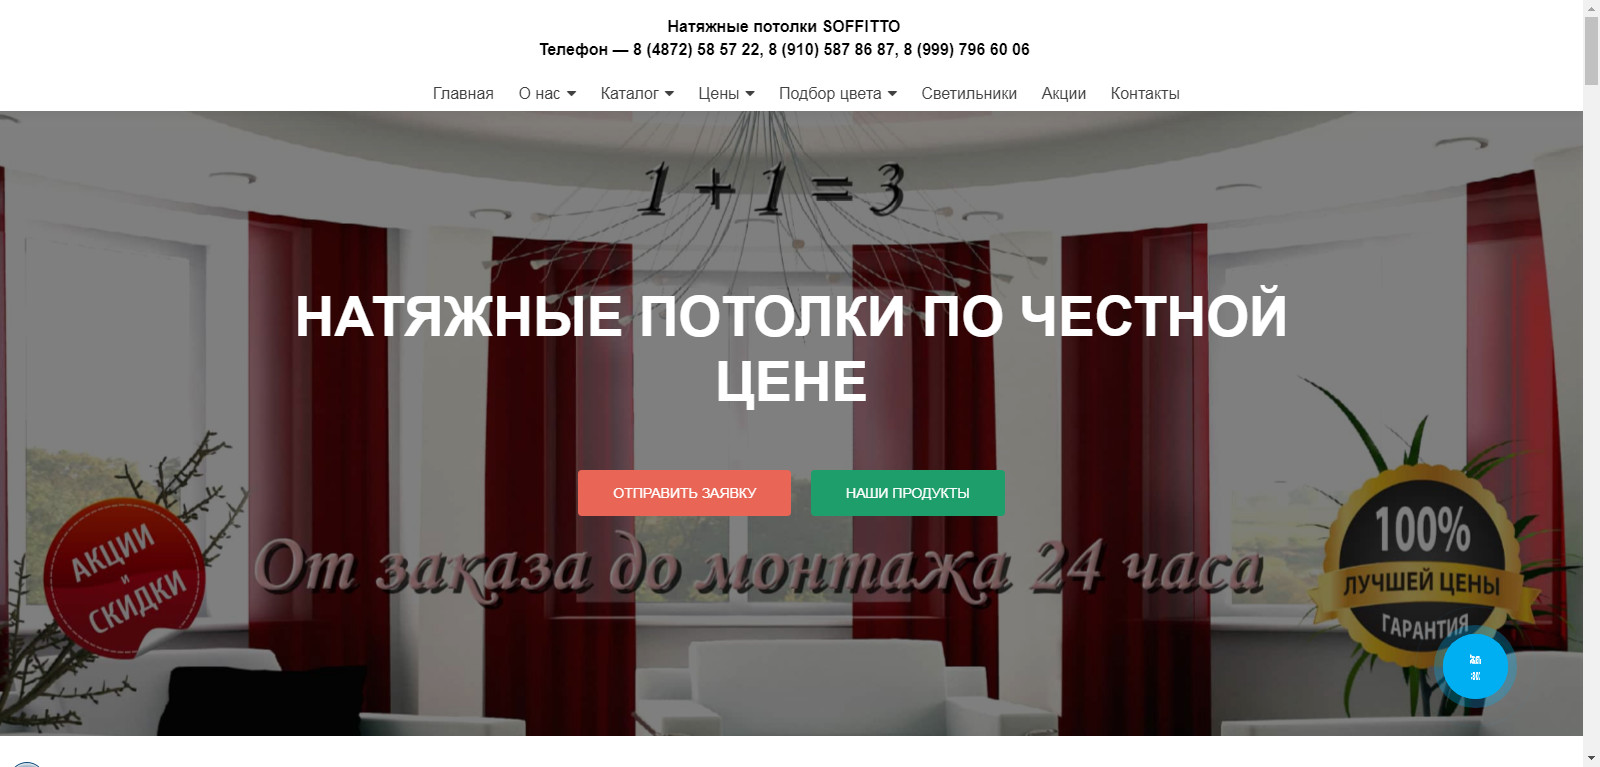 Рекламные кампании в Яндекс Директ и Google AdWords. Тематика: Натяжные потолки в Туле и Тульской области.